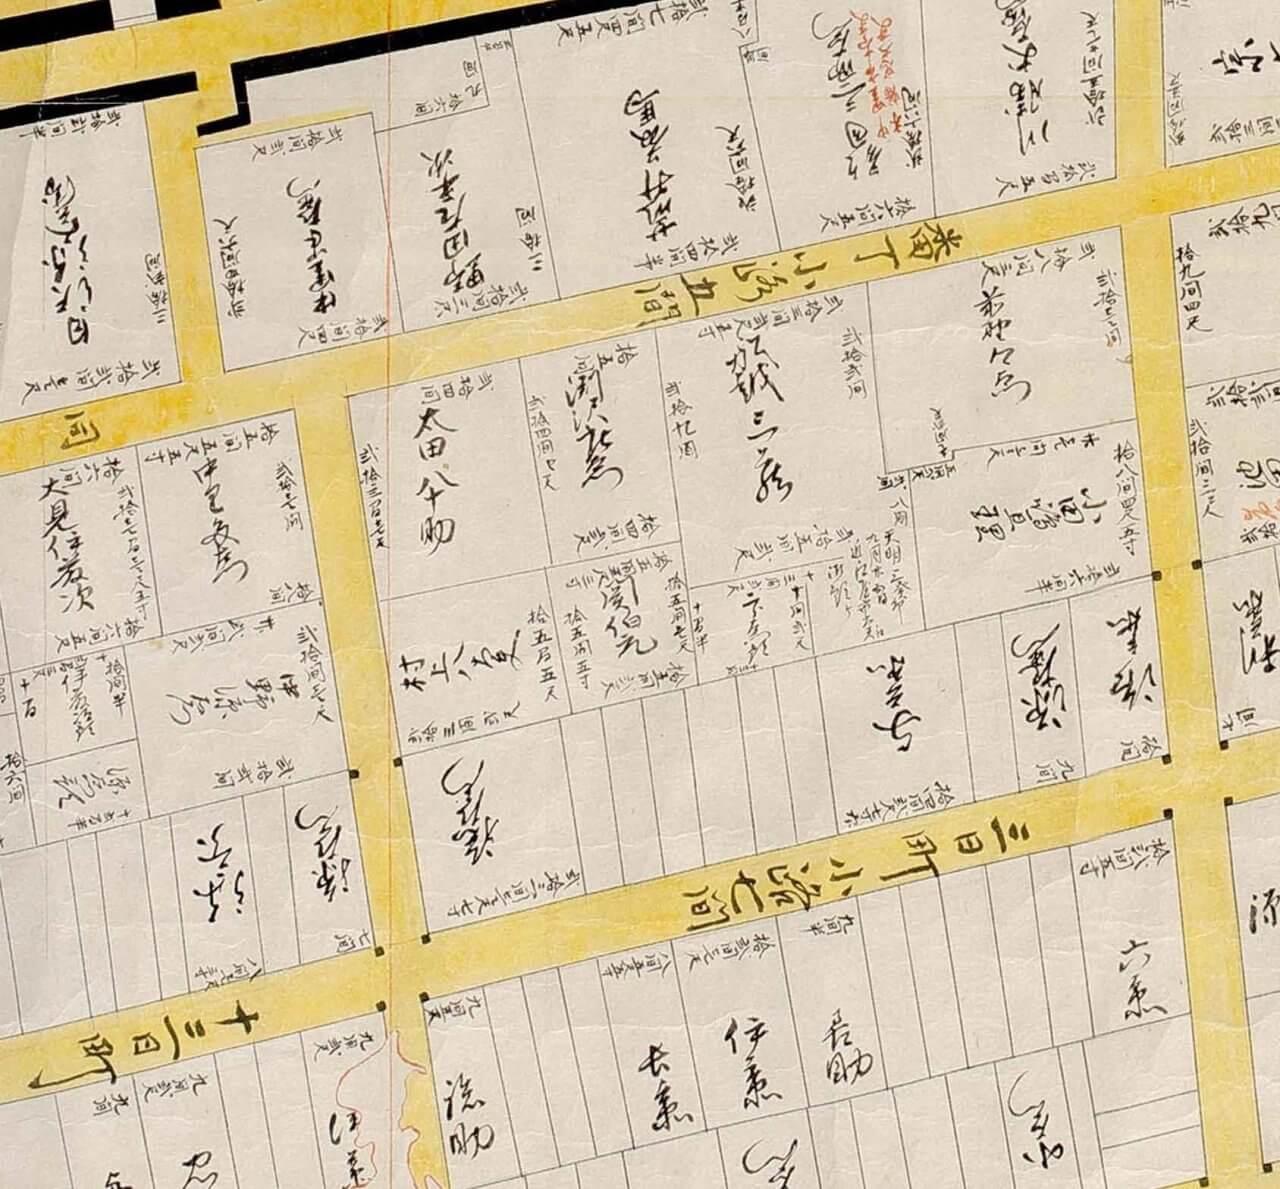 八戸藩政時代市街図(部分3)